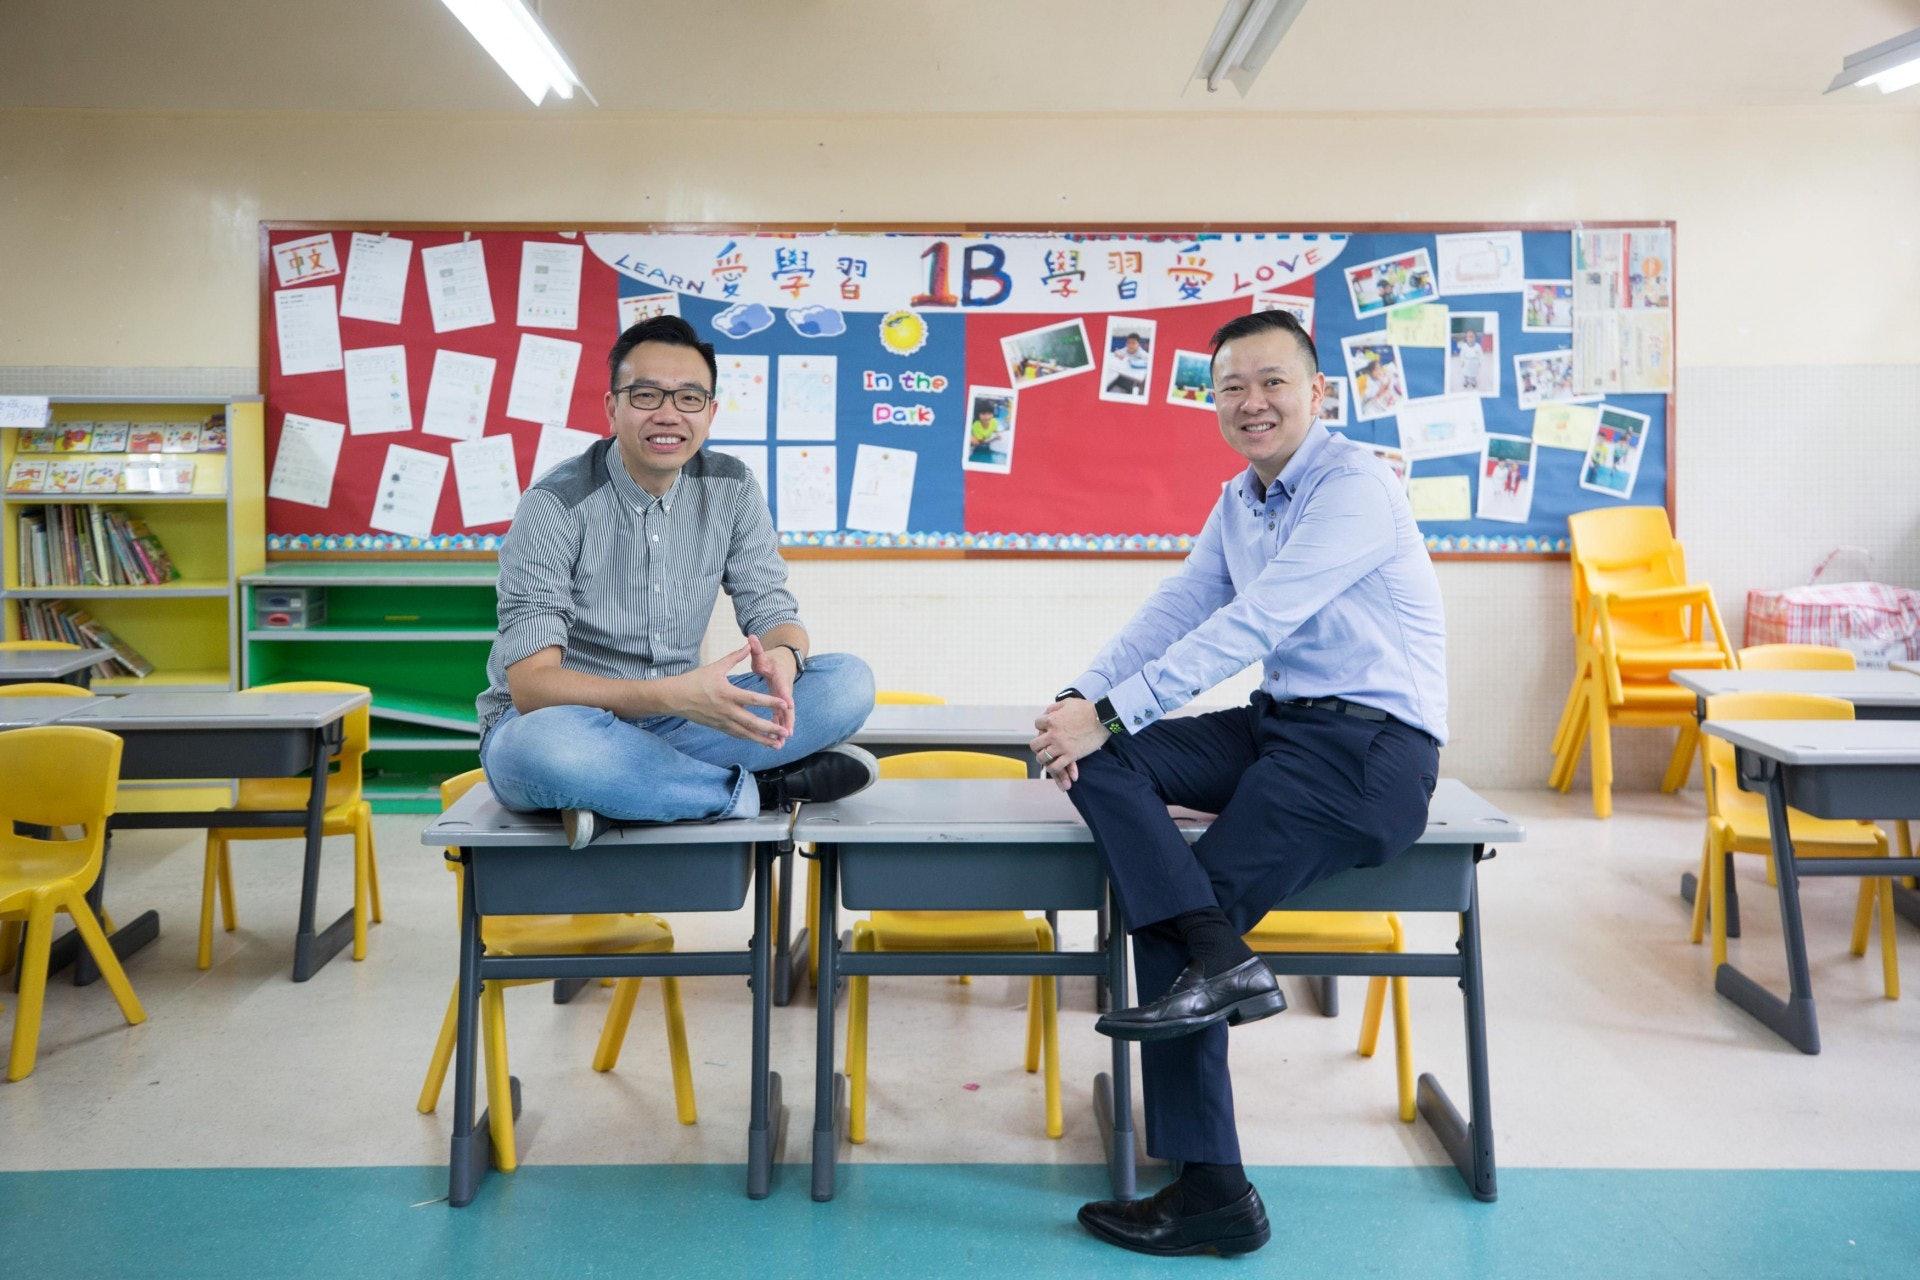 馮耀章(右)將於新學年接替朱子穎,成為天虹小學新任校長。(梁鵬威攝)